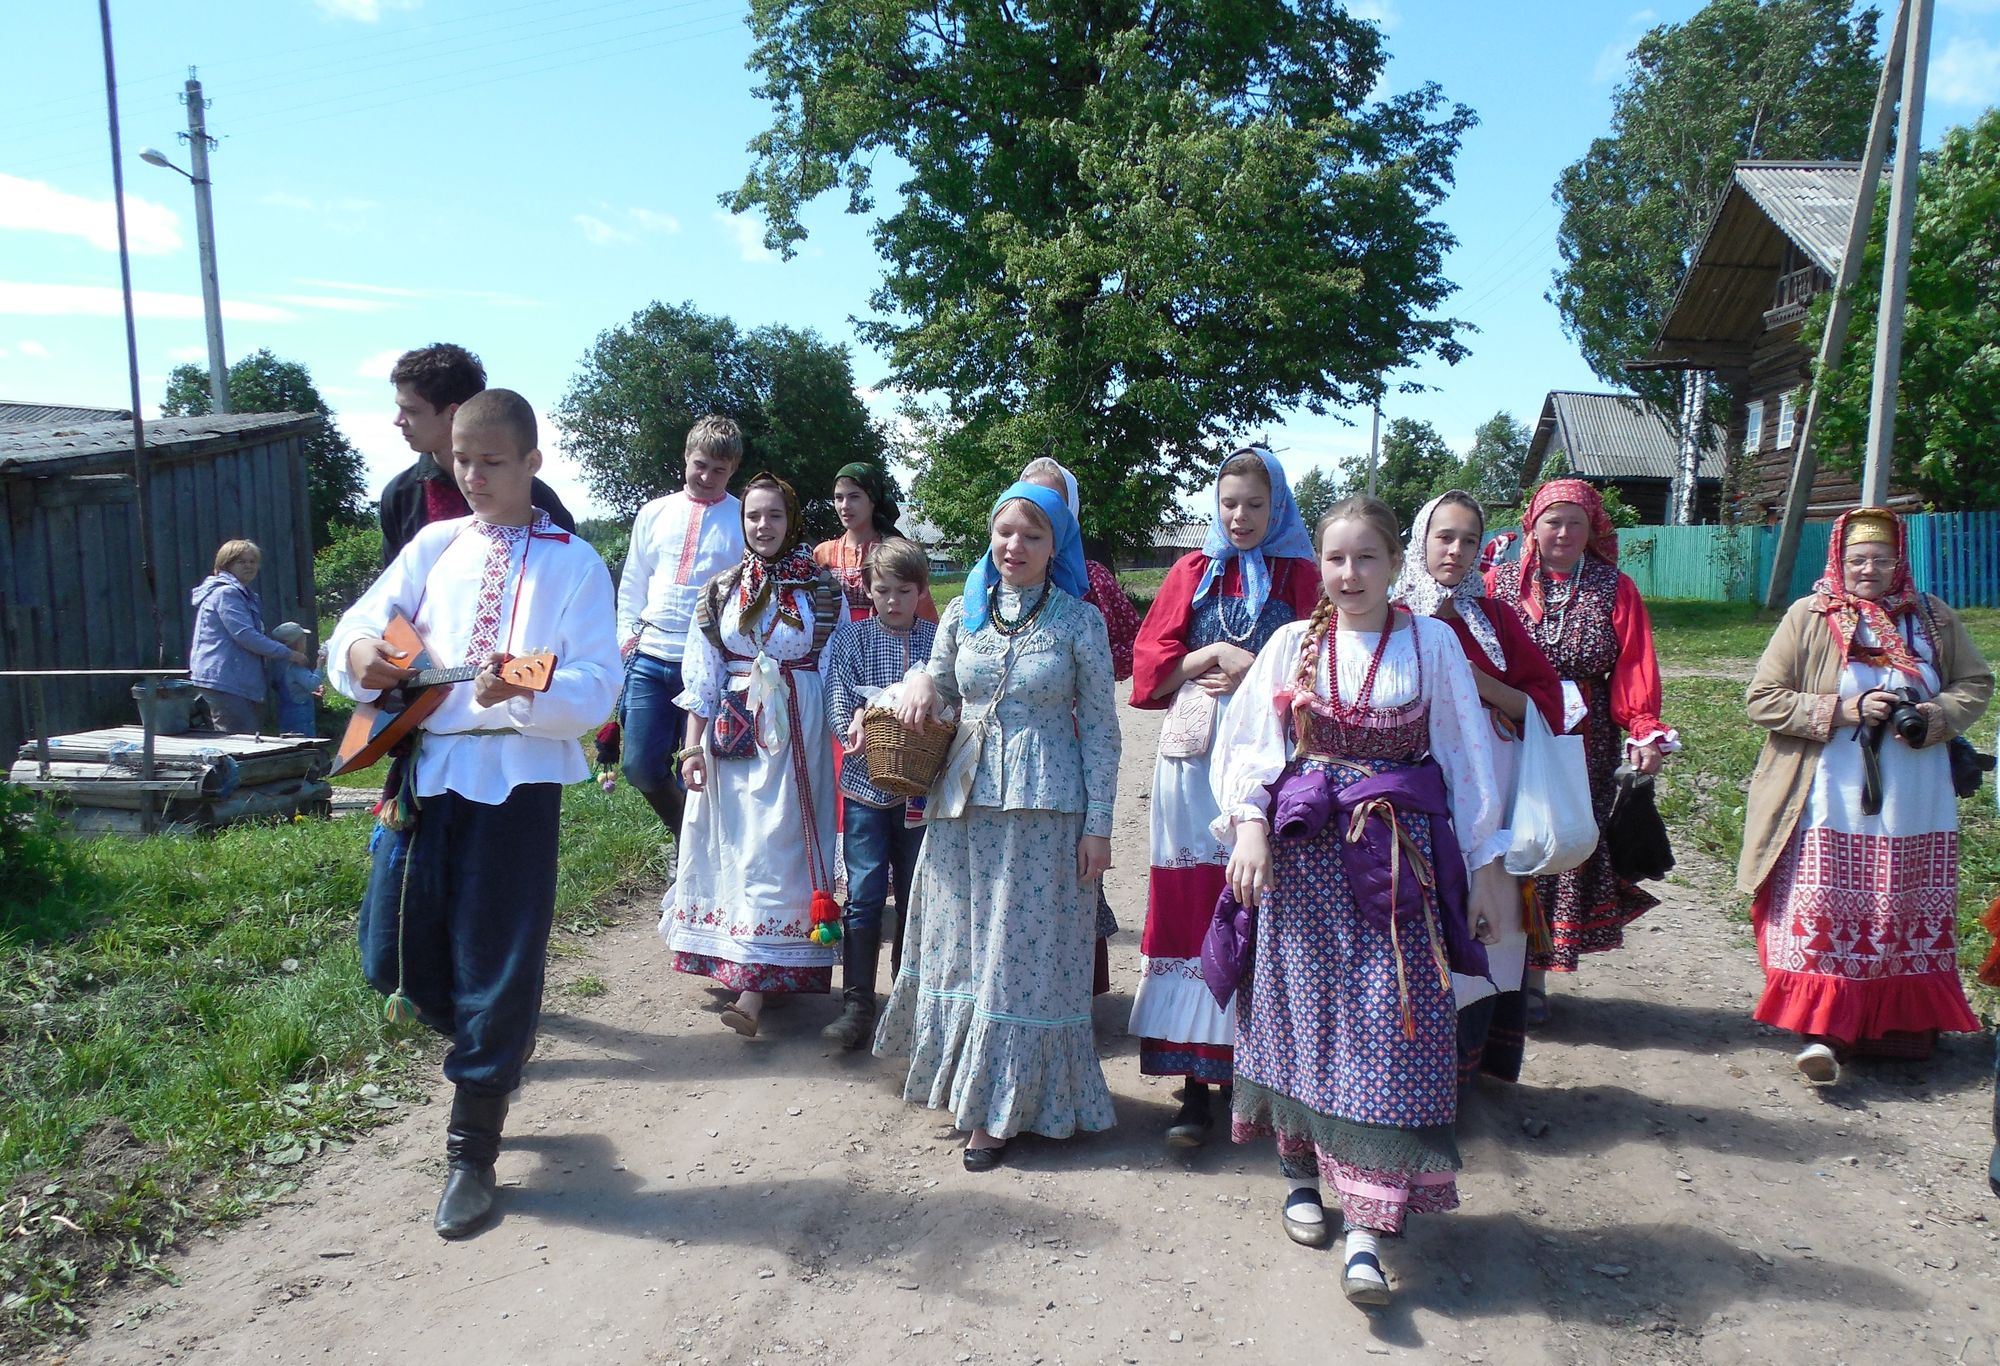 Интерактивная экскурсия по деревне мастеров пройдет в Кирилловском районе